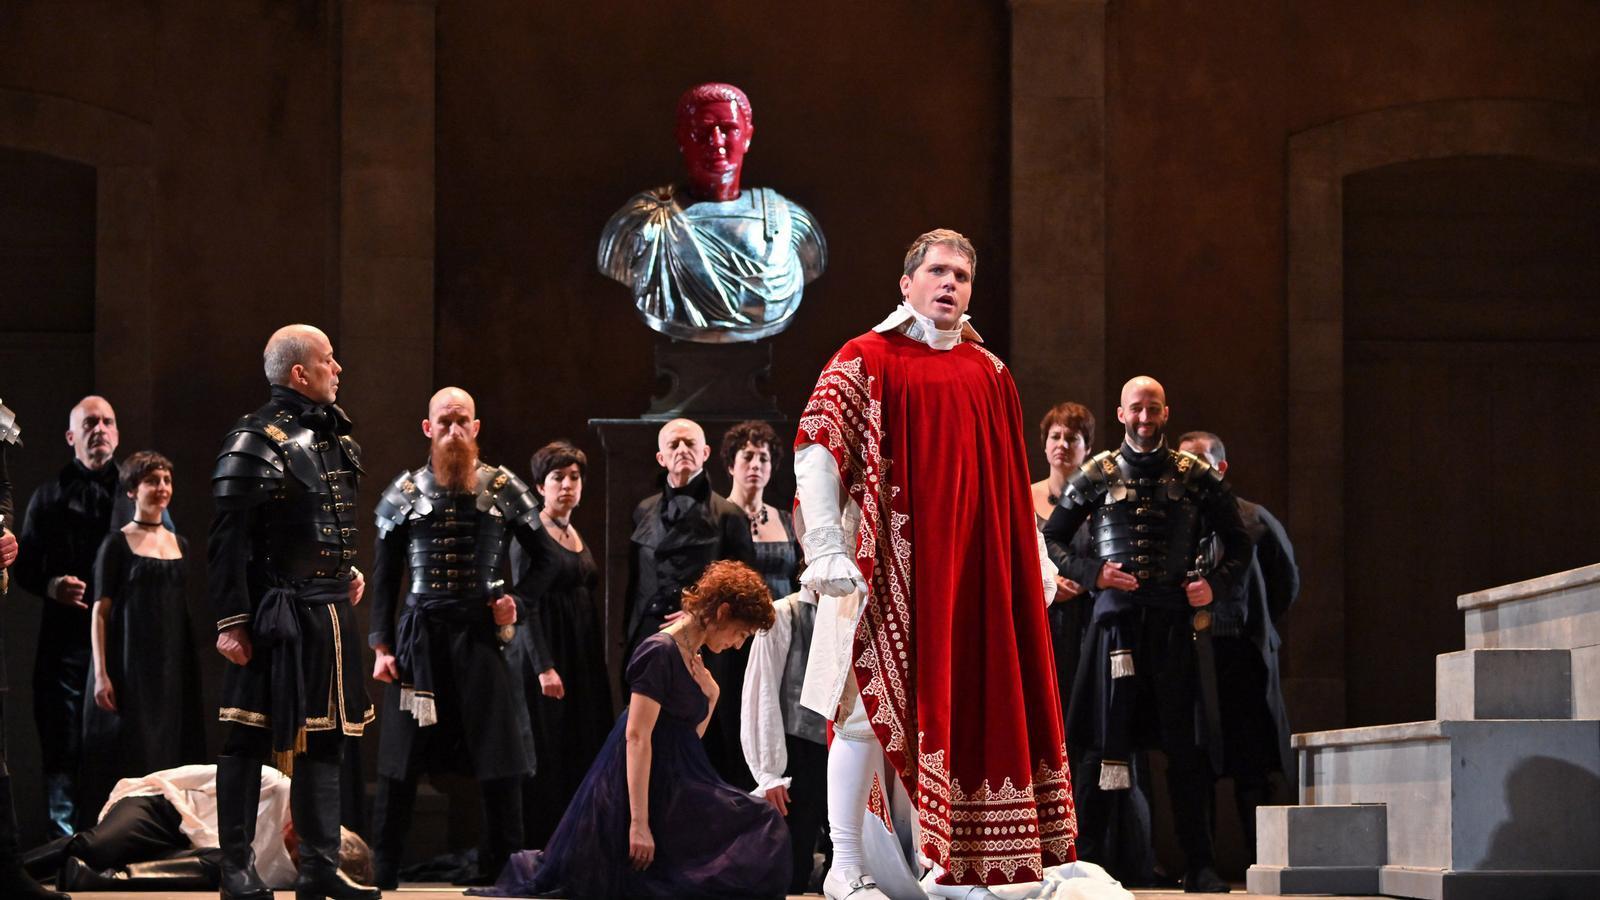 Una escena de 'La clemenza di Tito', que es pot veure al Liceu